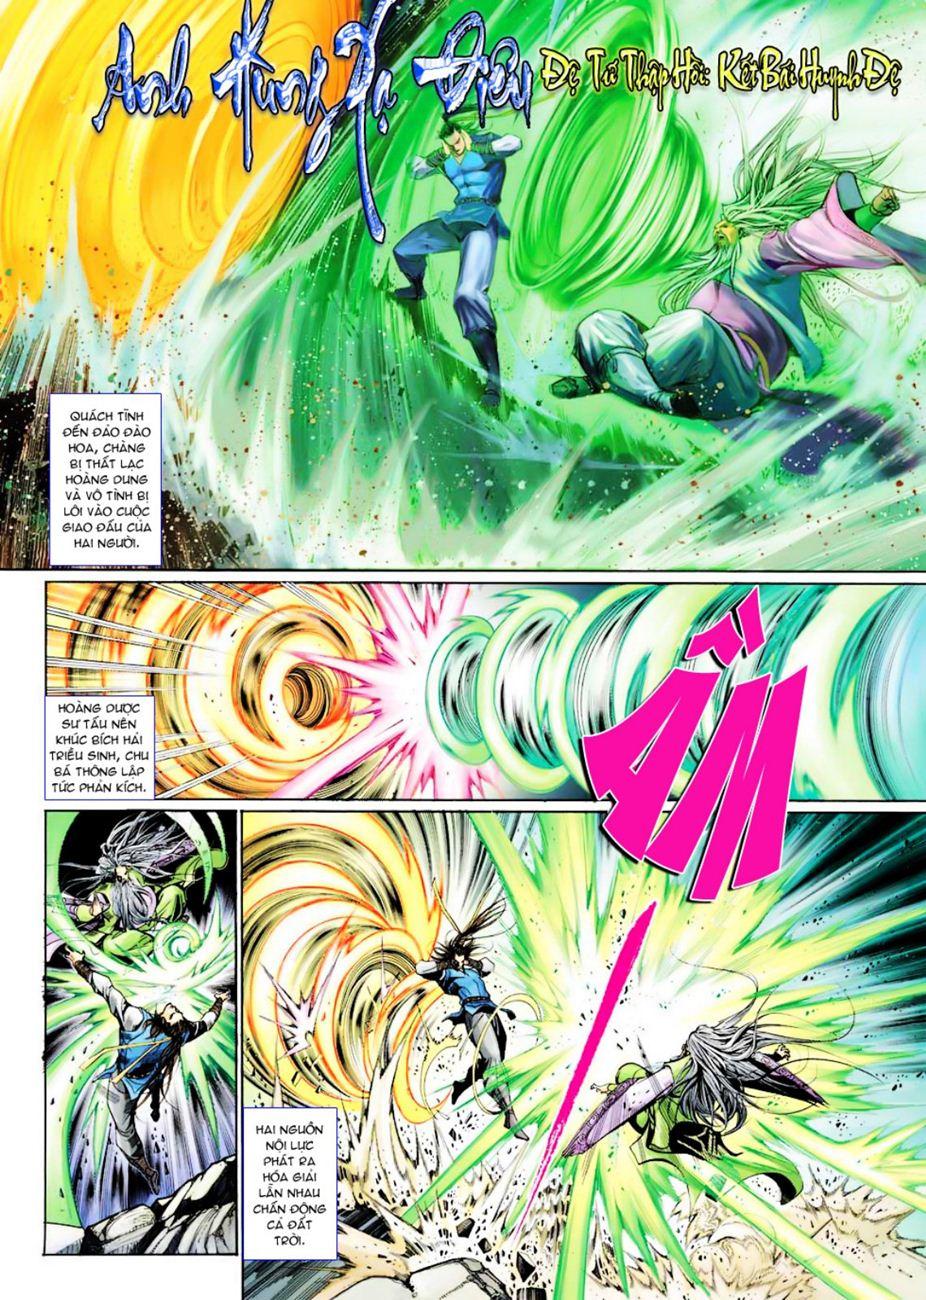 Anh Hùng Xạ Điêu anh hùng xạ đêu chap 40 trang 4